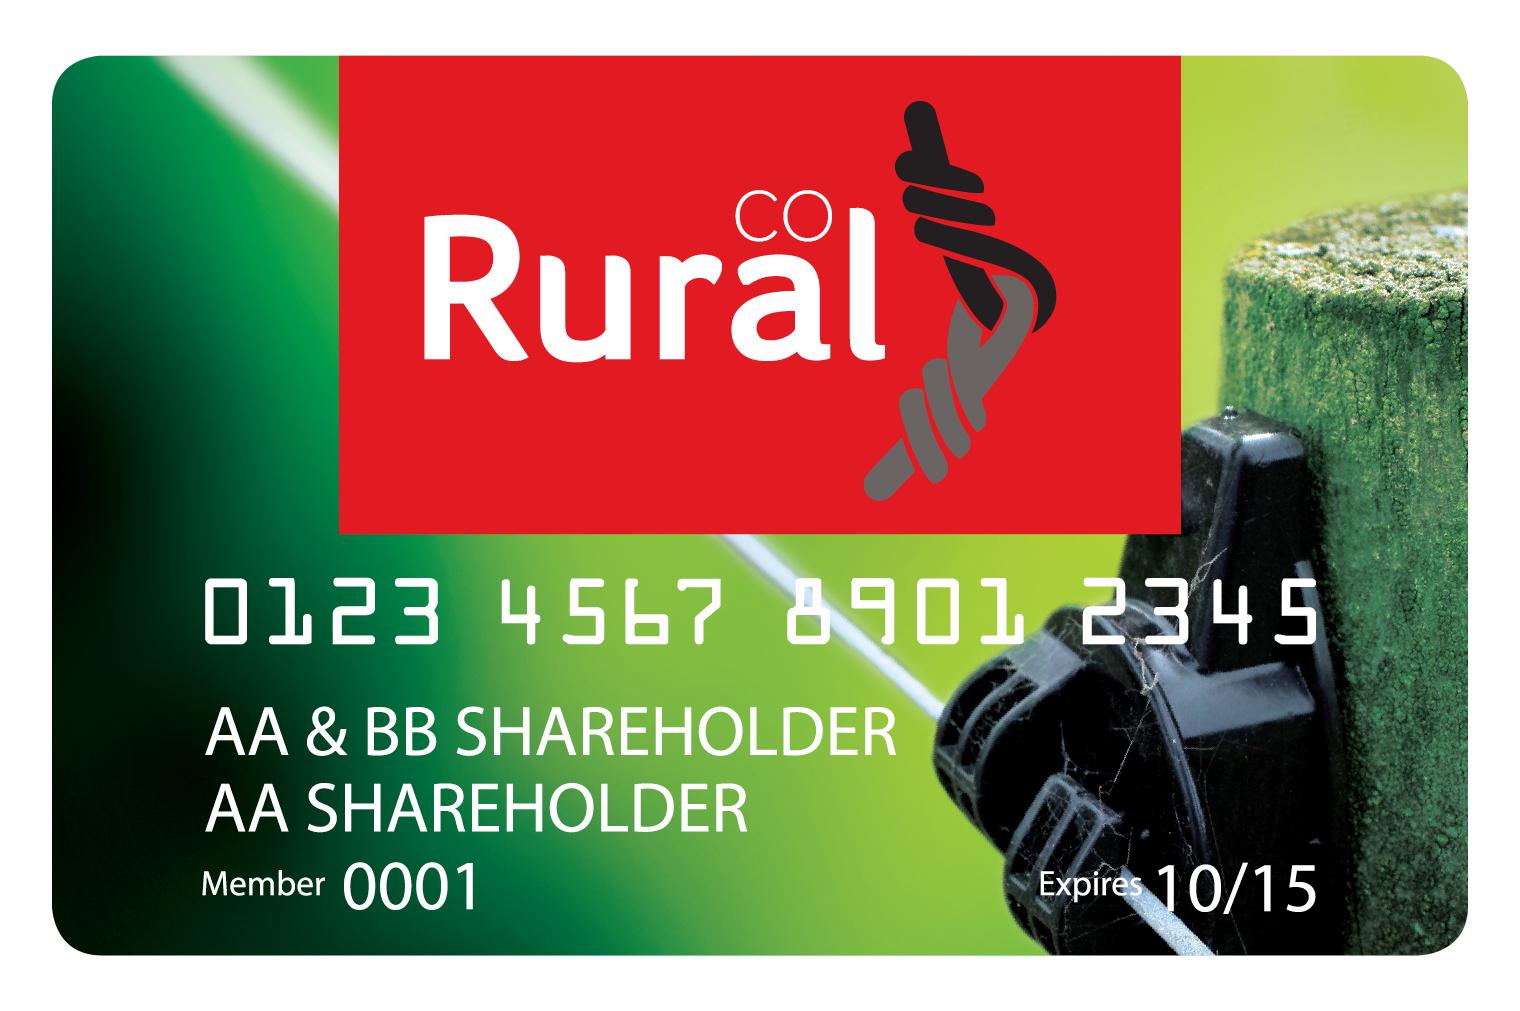 Ruralco SUPPLIER LOGO CARD RGB 0214 Copy